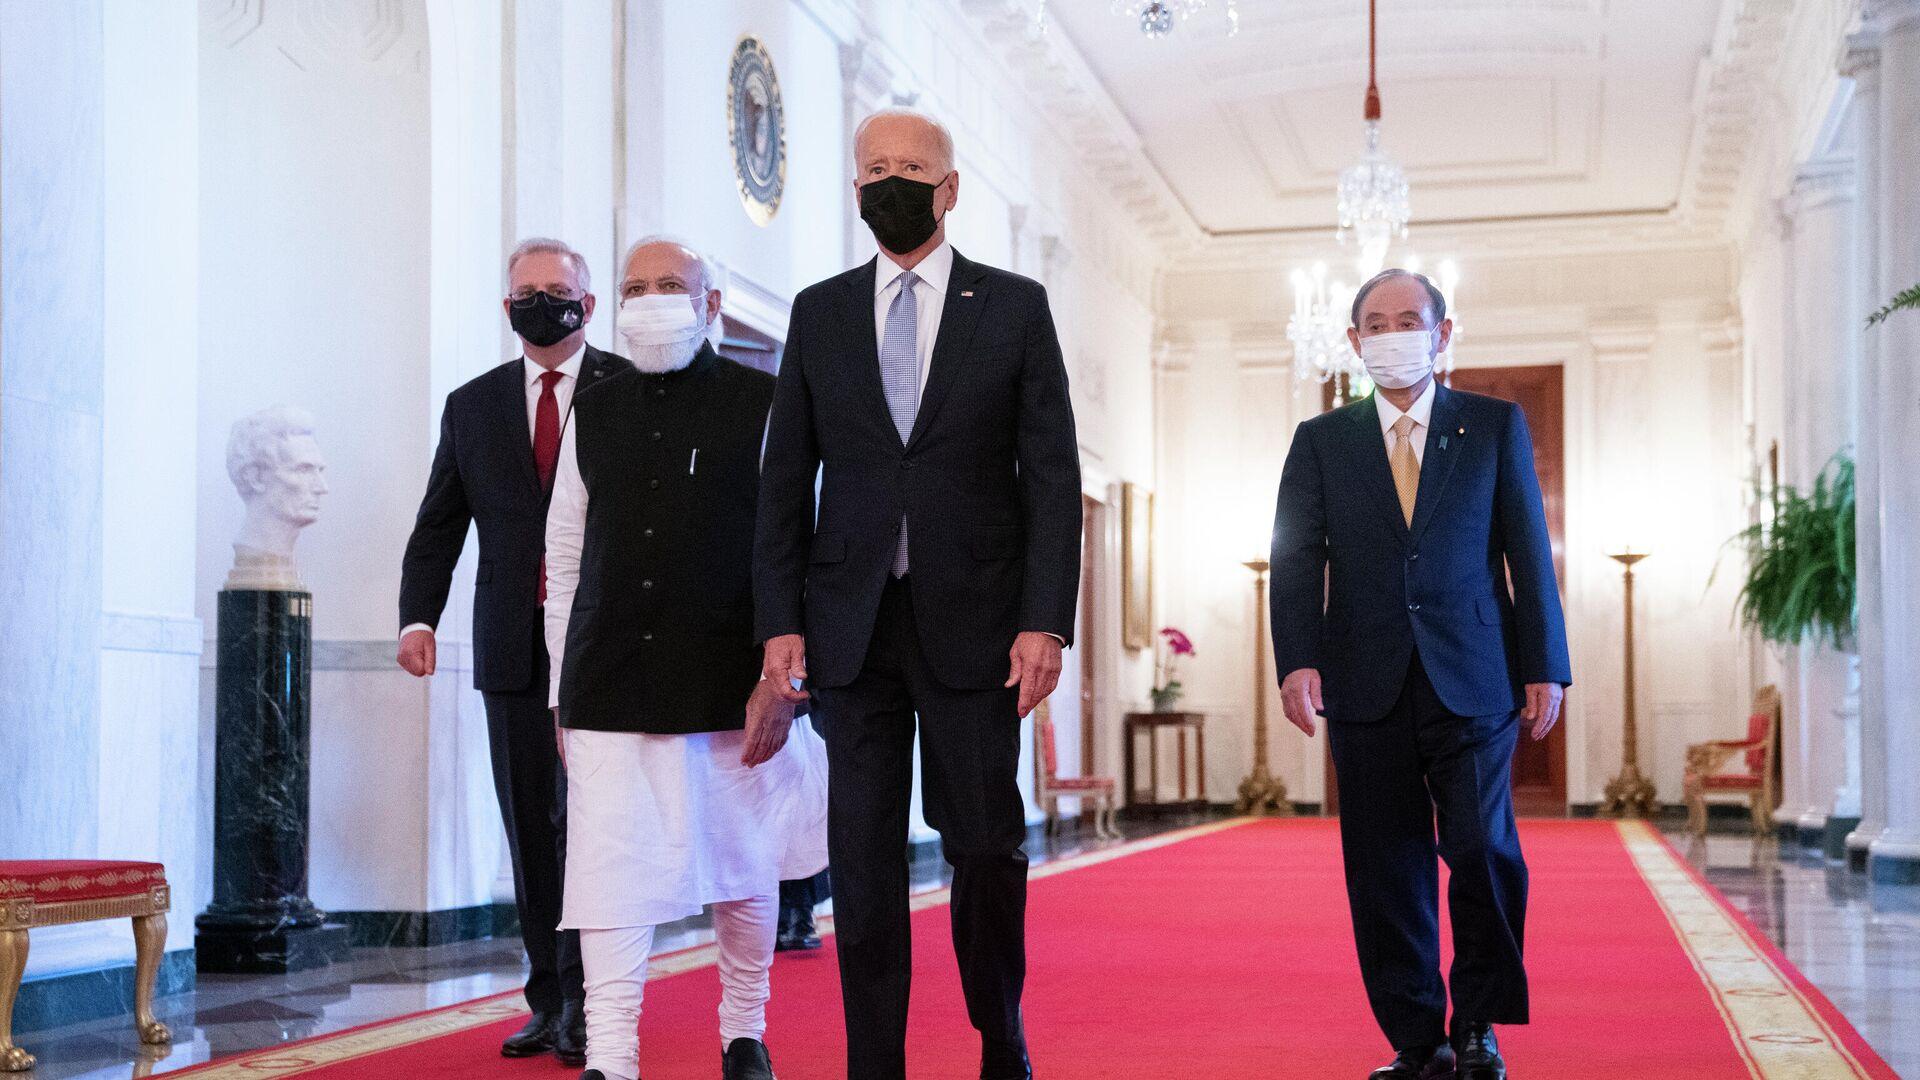 Quad-Gipfel: US-Präsident Biden empfängt Regierunschefs von Australien, Indien und Japan  - SNA, 1920, 25.09.2021